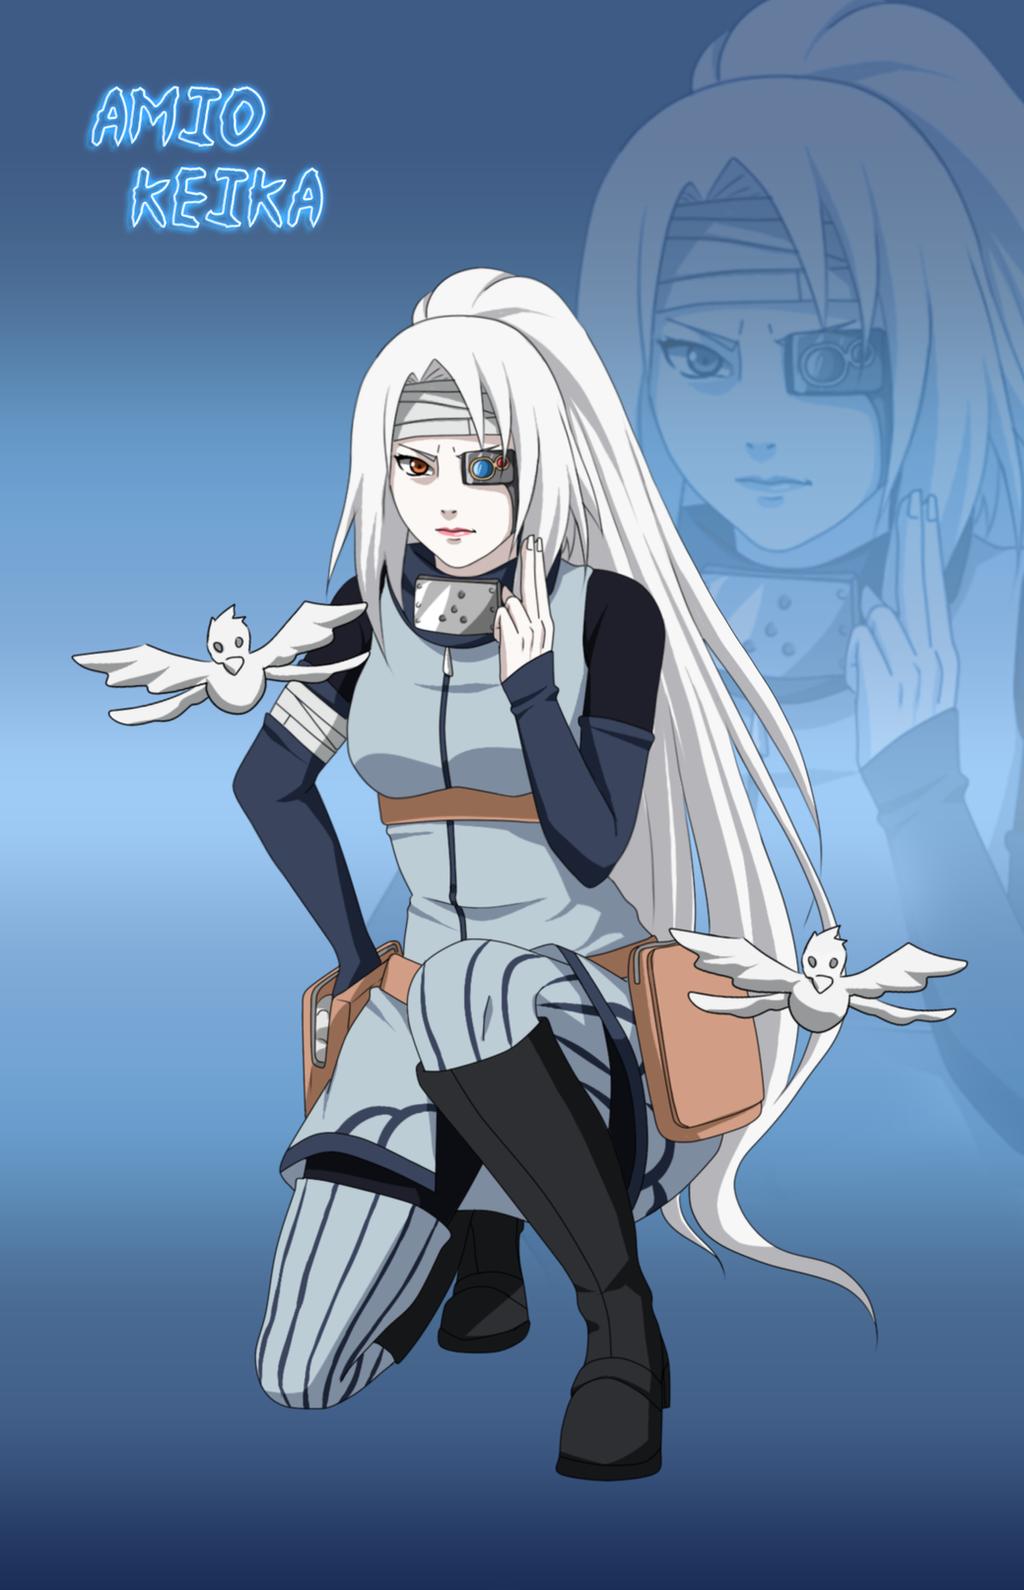 commission  amio keiko 2 by whiterabbit20 on deviantart